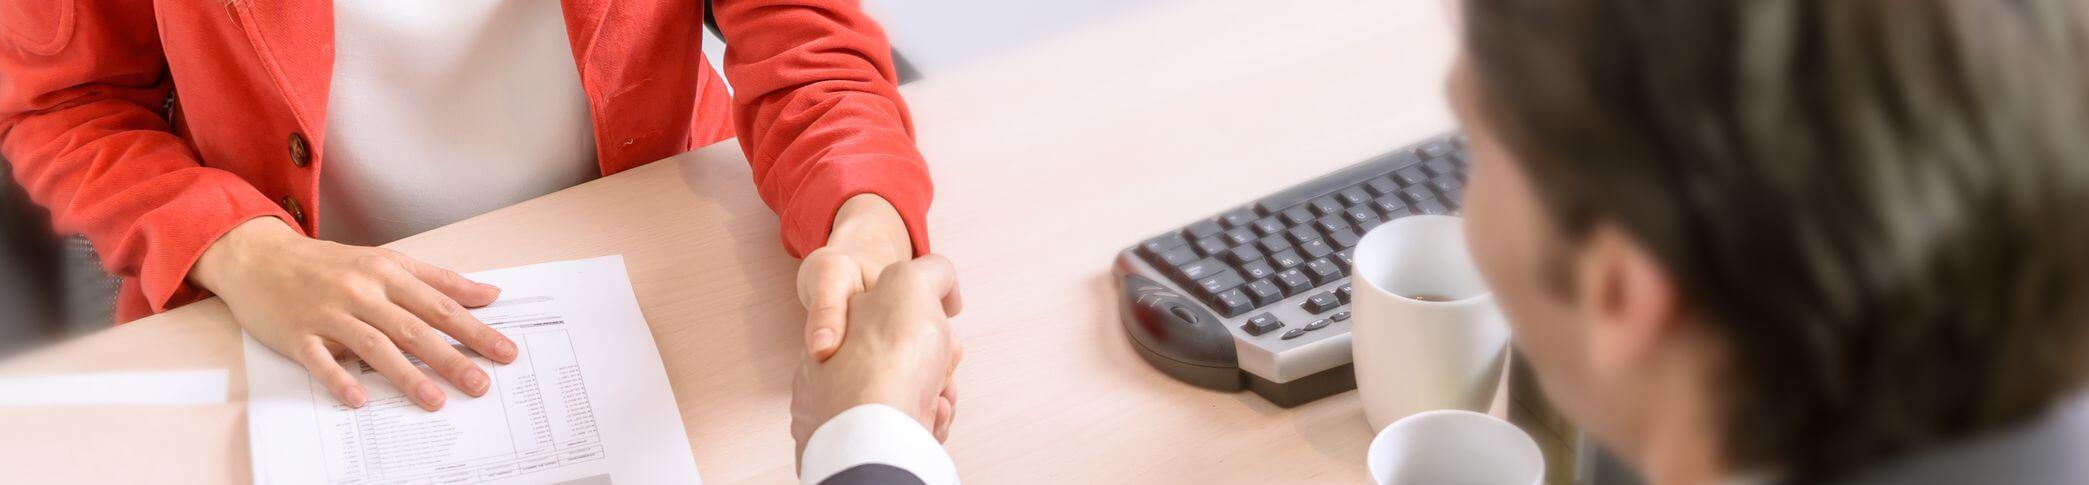 handyvertrag trotz schufa eintrag bekommen: so klappt es!